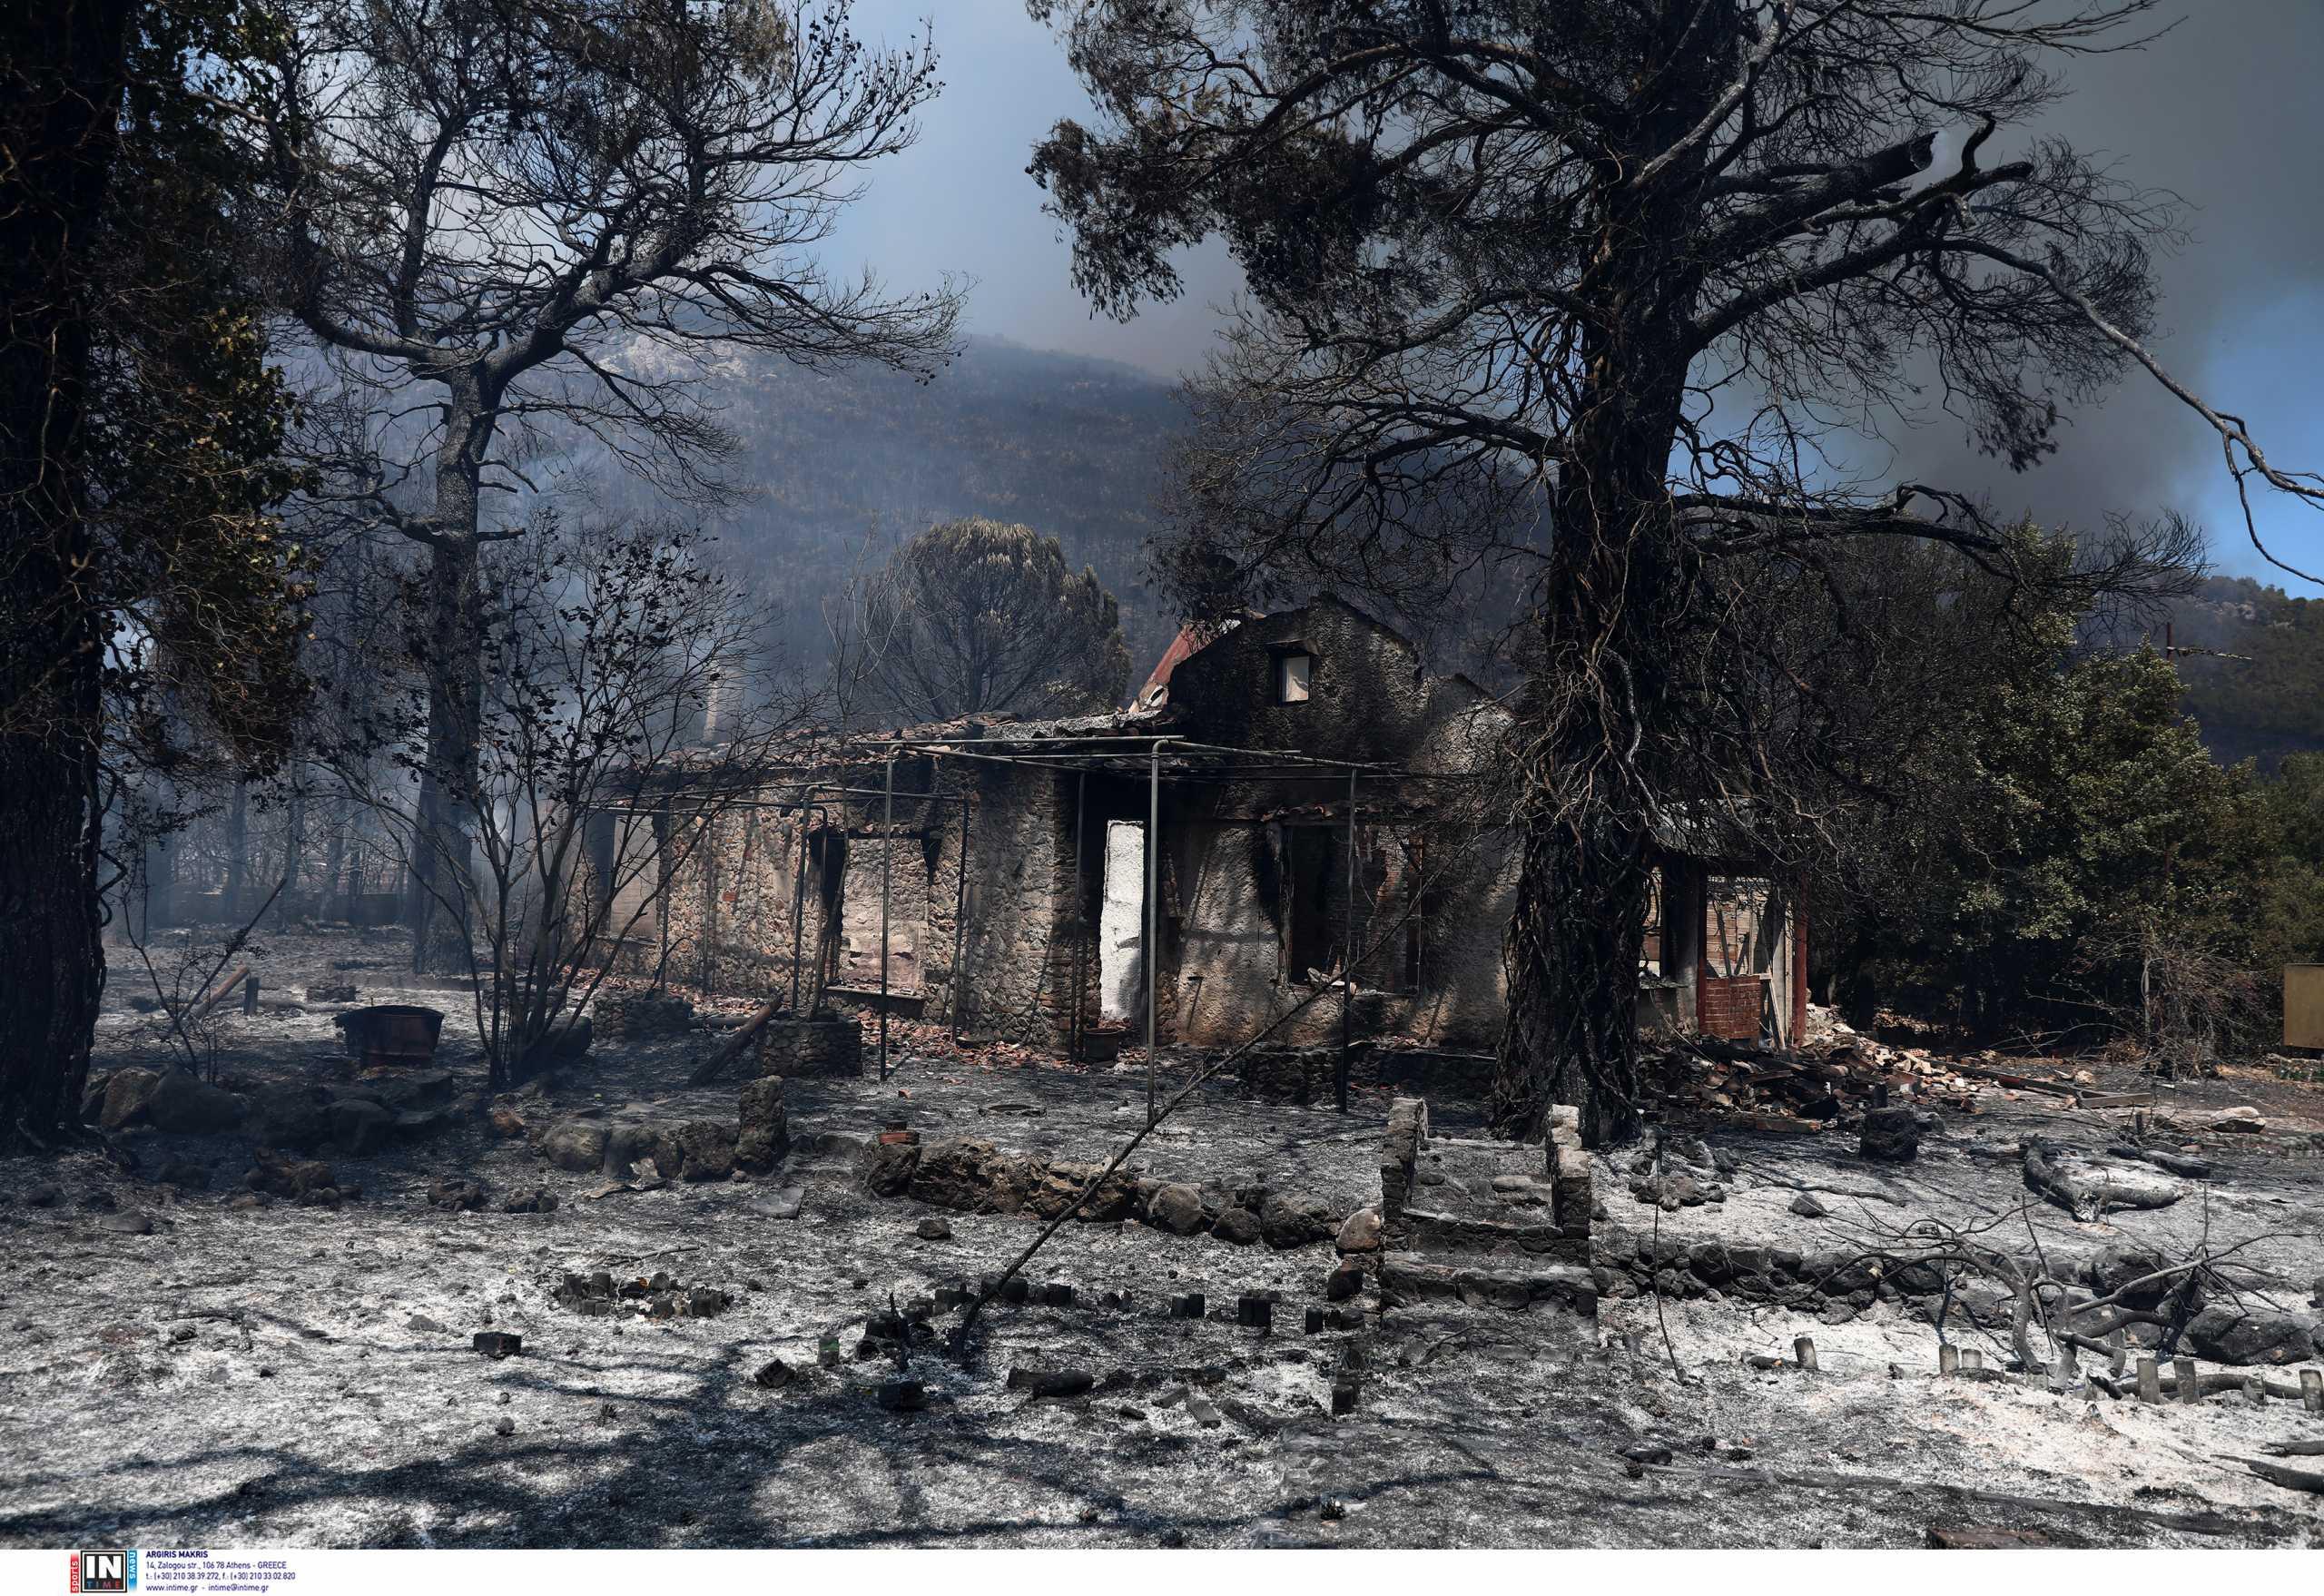 Ασφαλιστικές για πυρόπληκτες περιοχές: Πάνω από 38 εκατ. ευρώ οι αποζημιώσεις